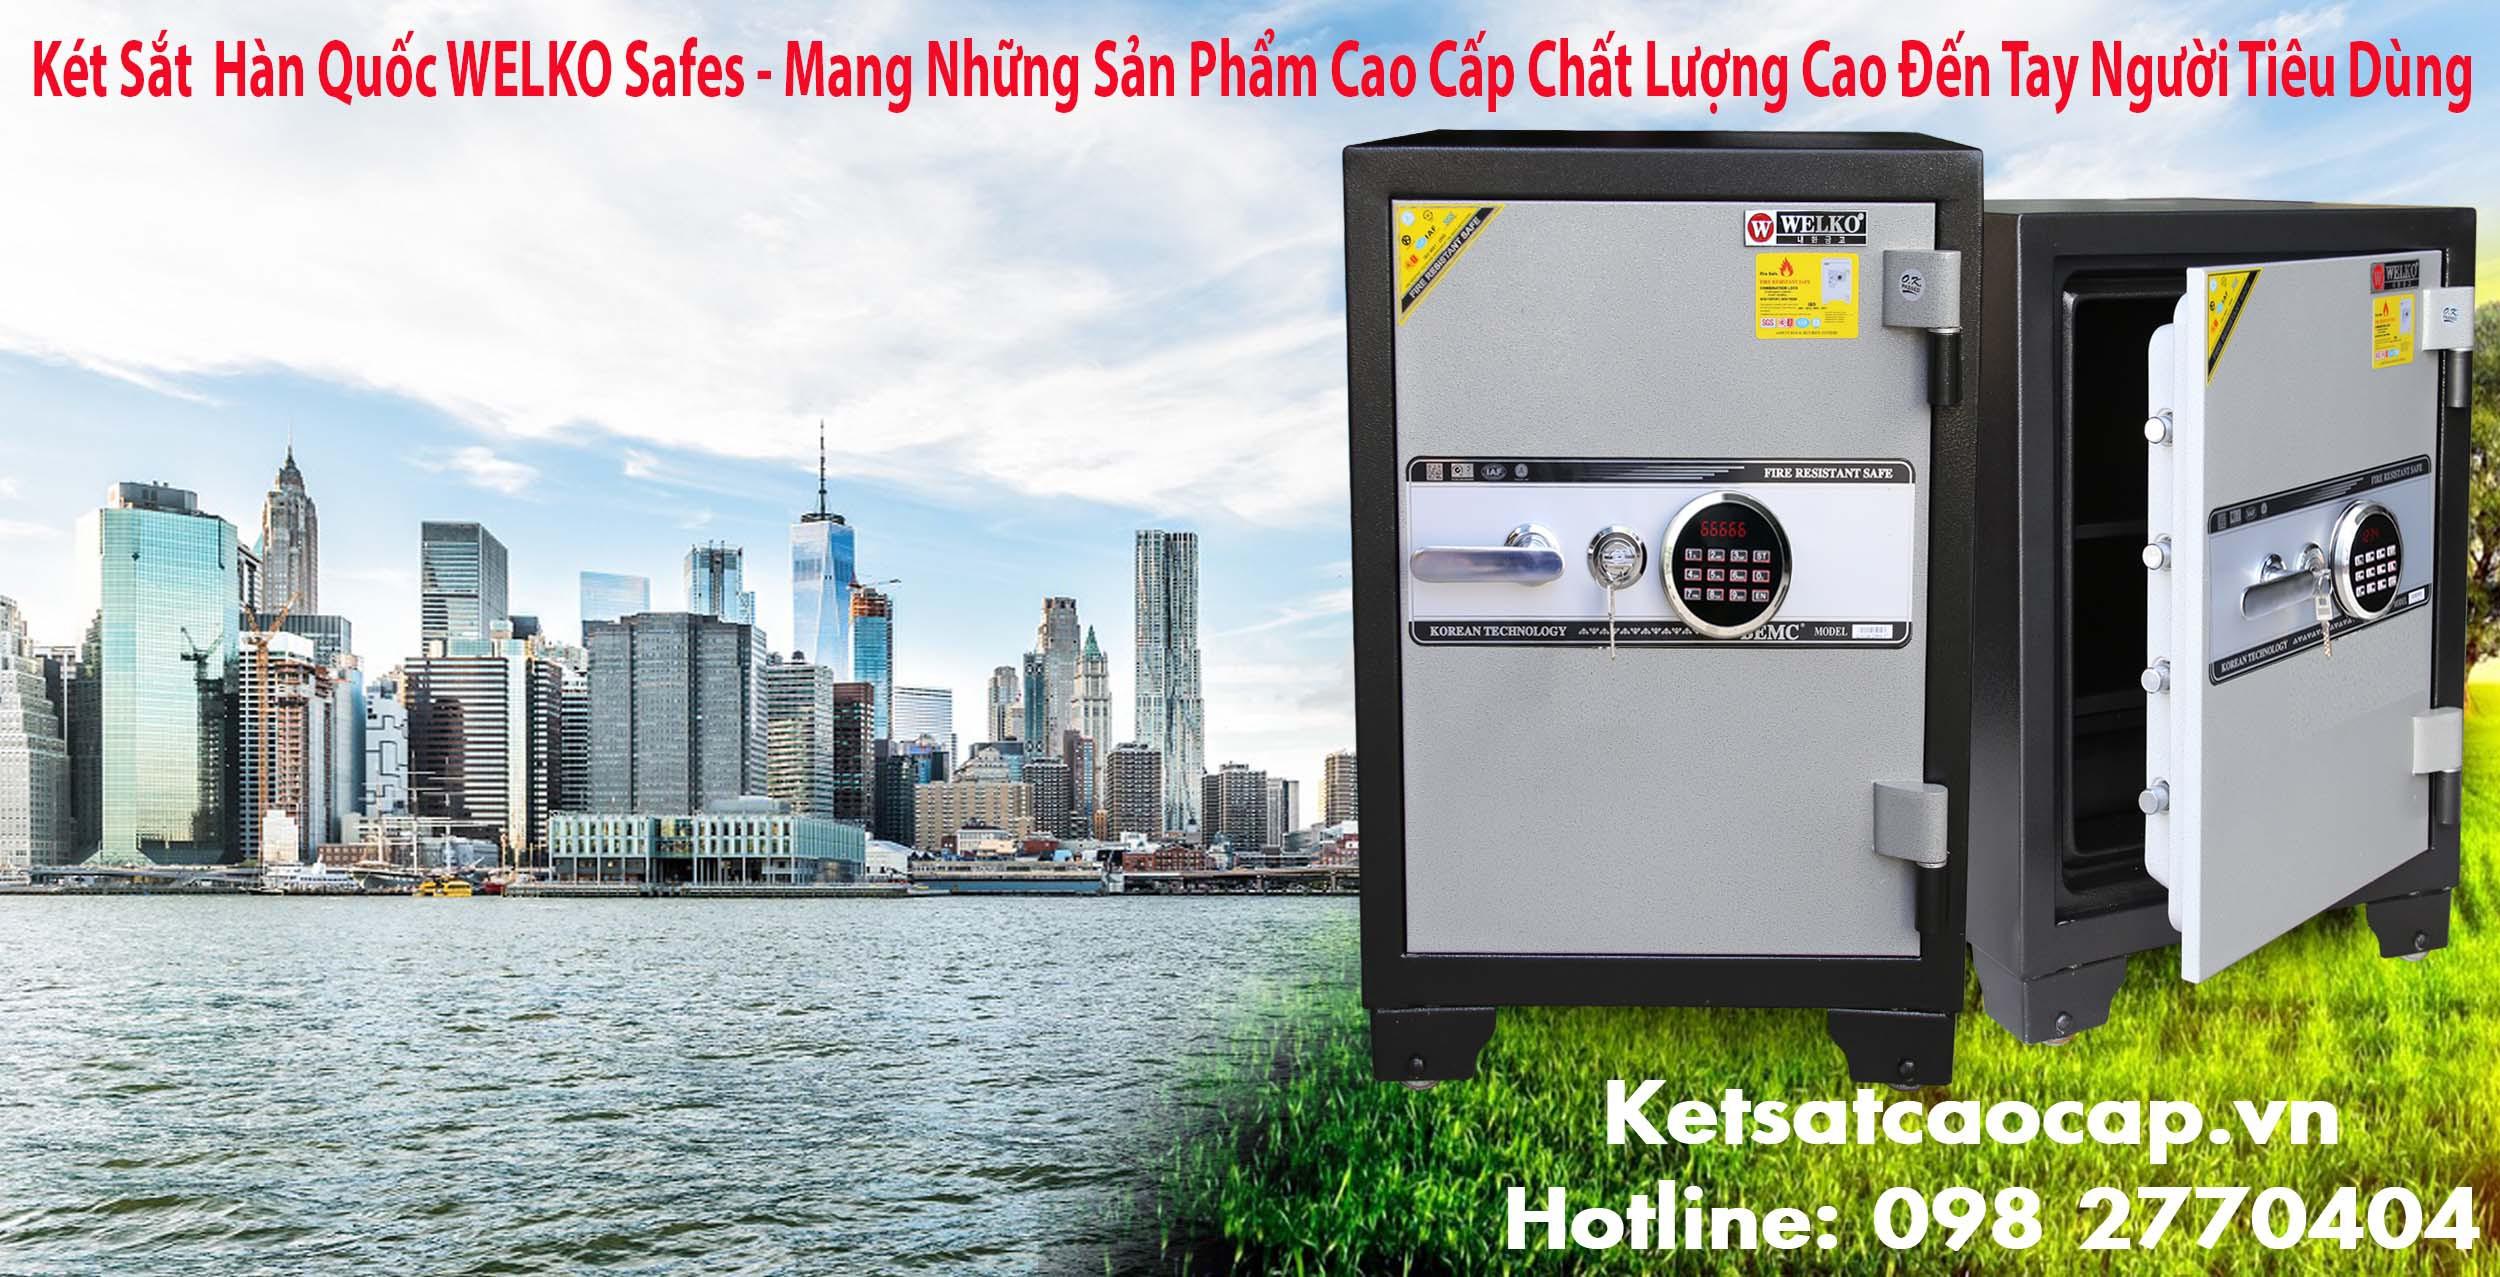 hình ảnh sản phẩm két sắt chống cháy thanh lý KCC150VT